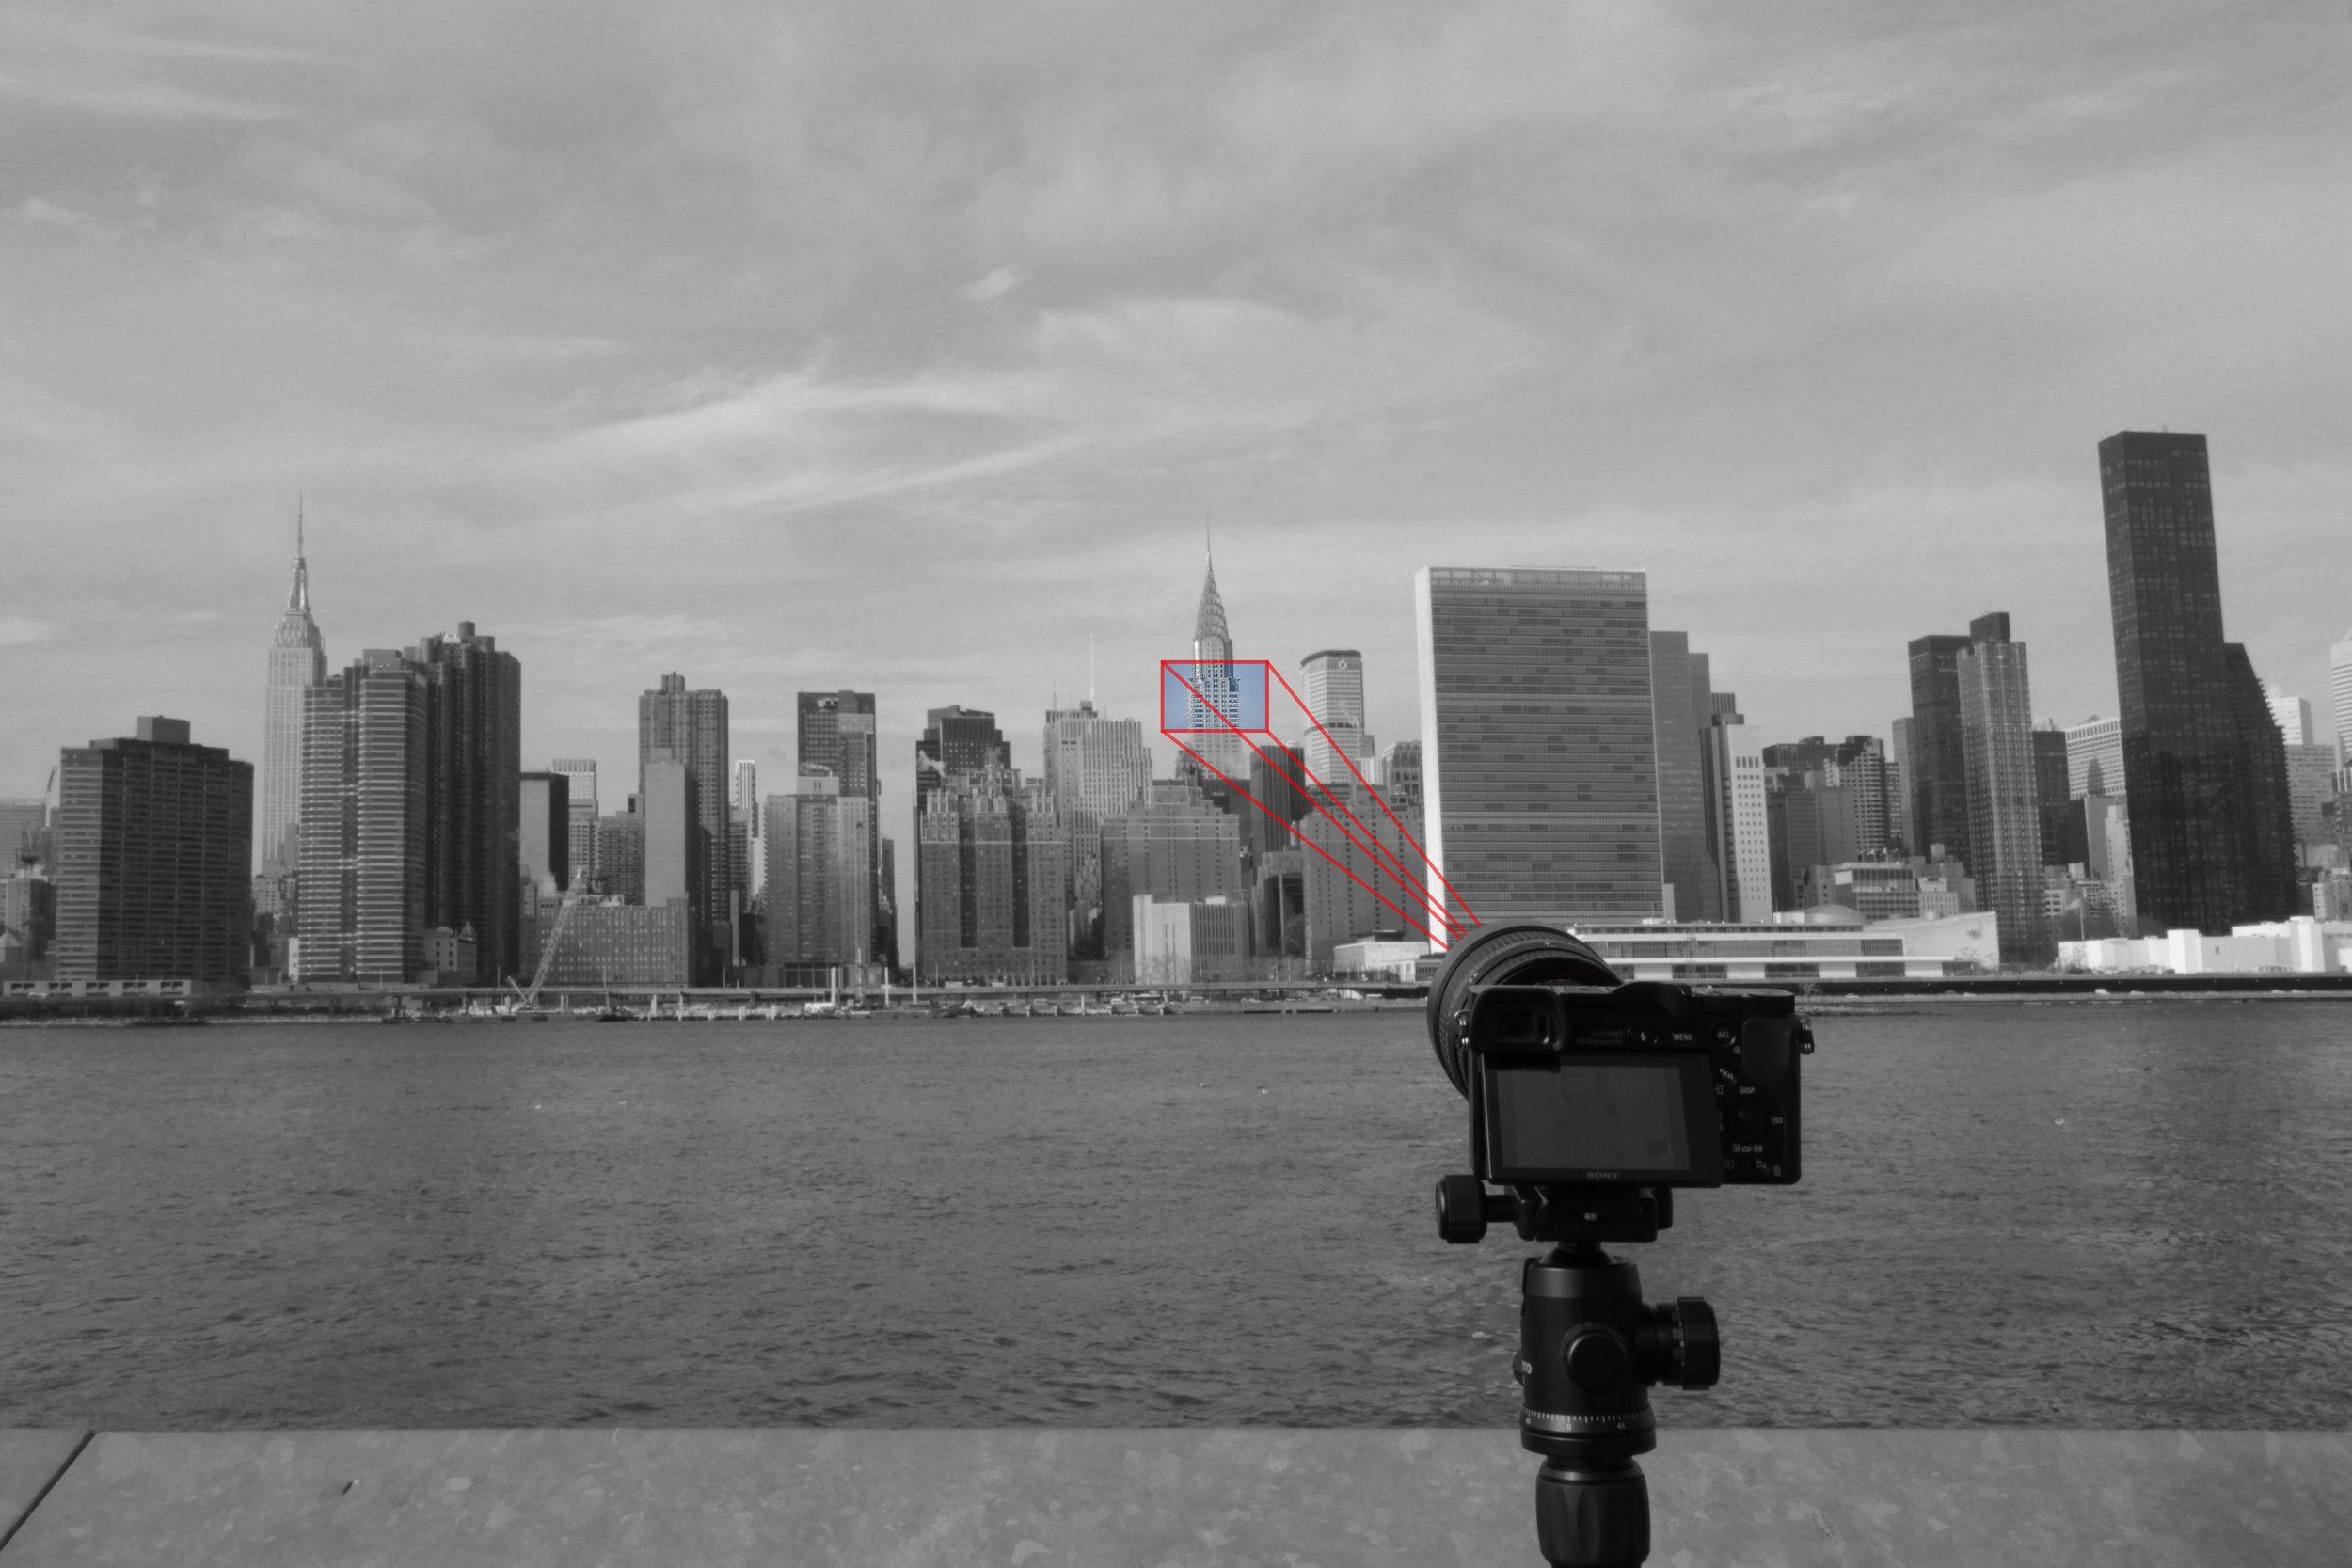 500mm-foc-ny-cameraplex.jpg